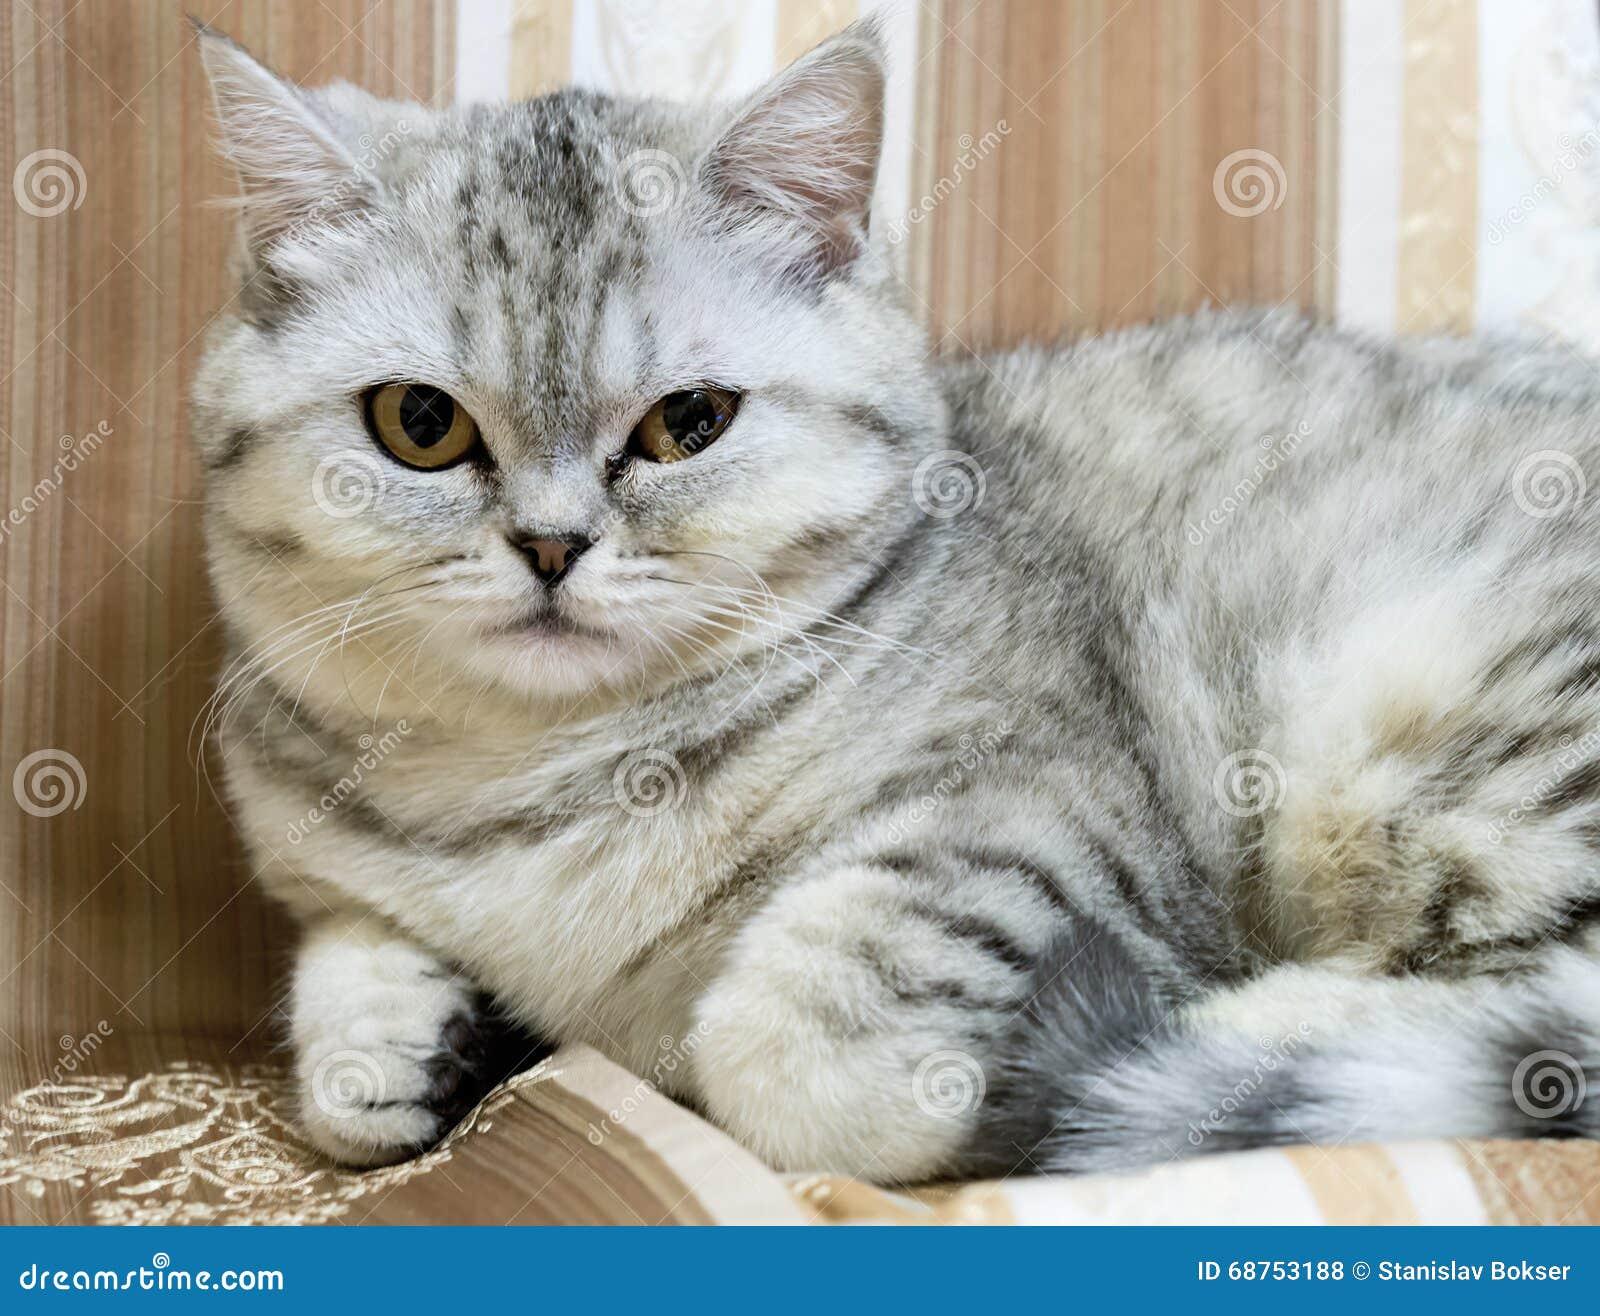 шотландский серый кот